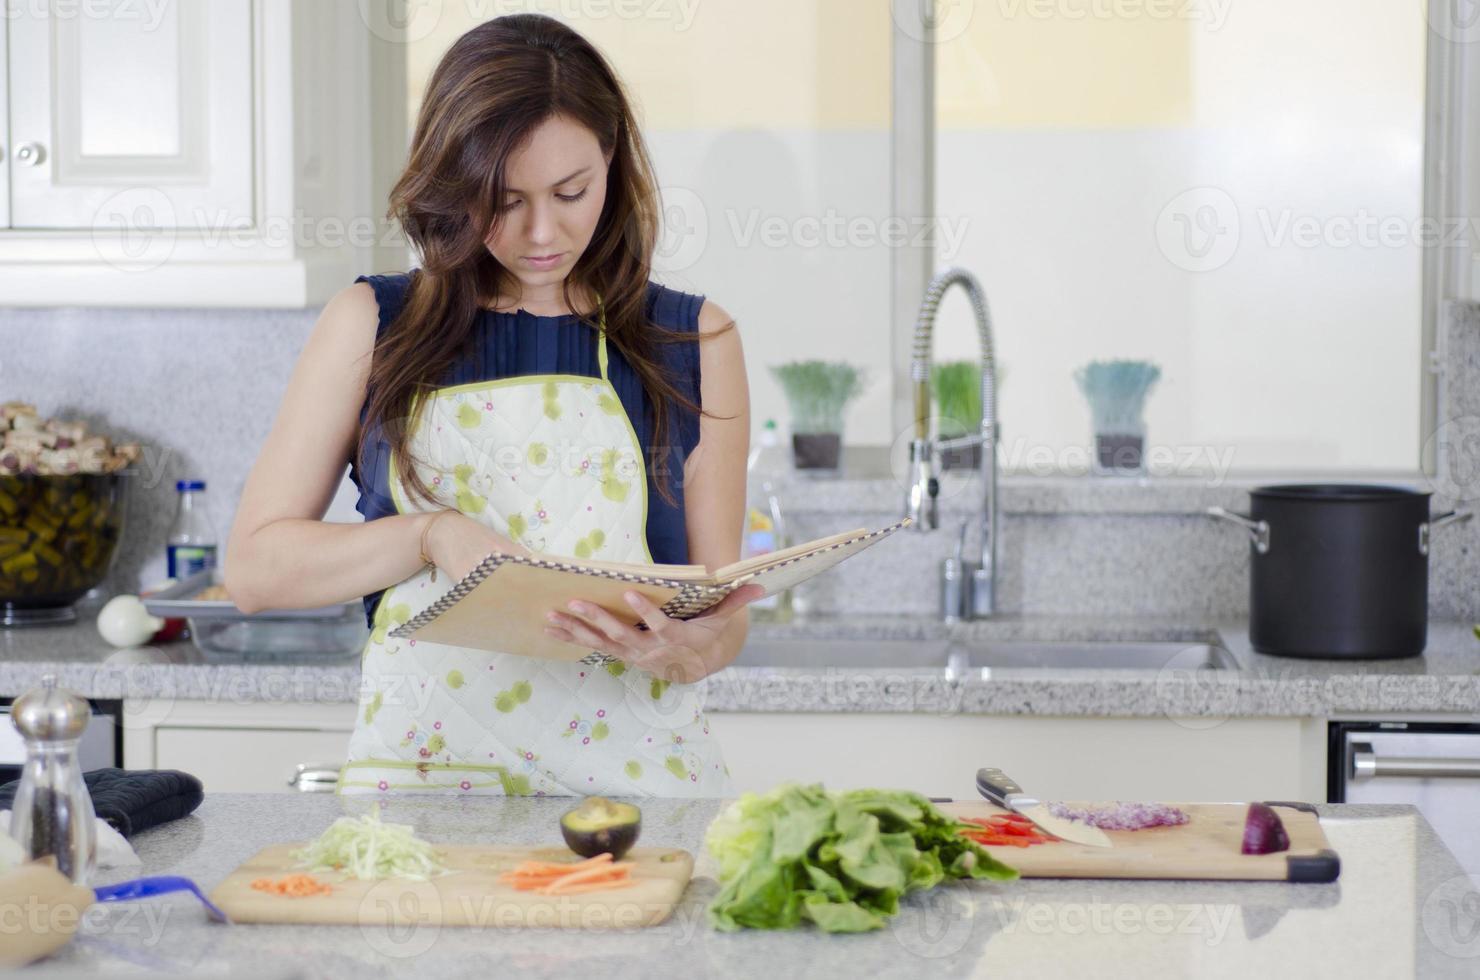 hermosa ama de casa cocinando una receta foto